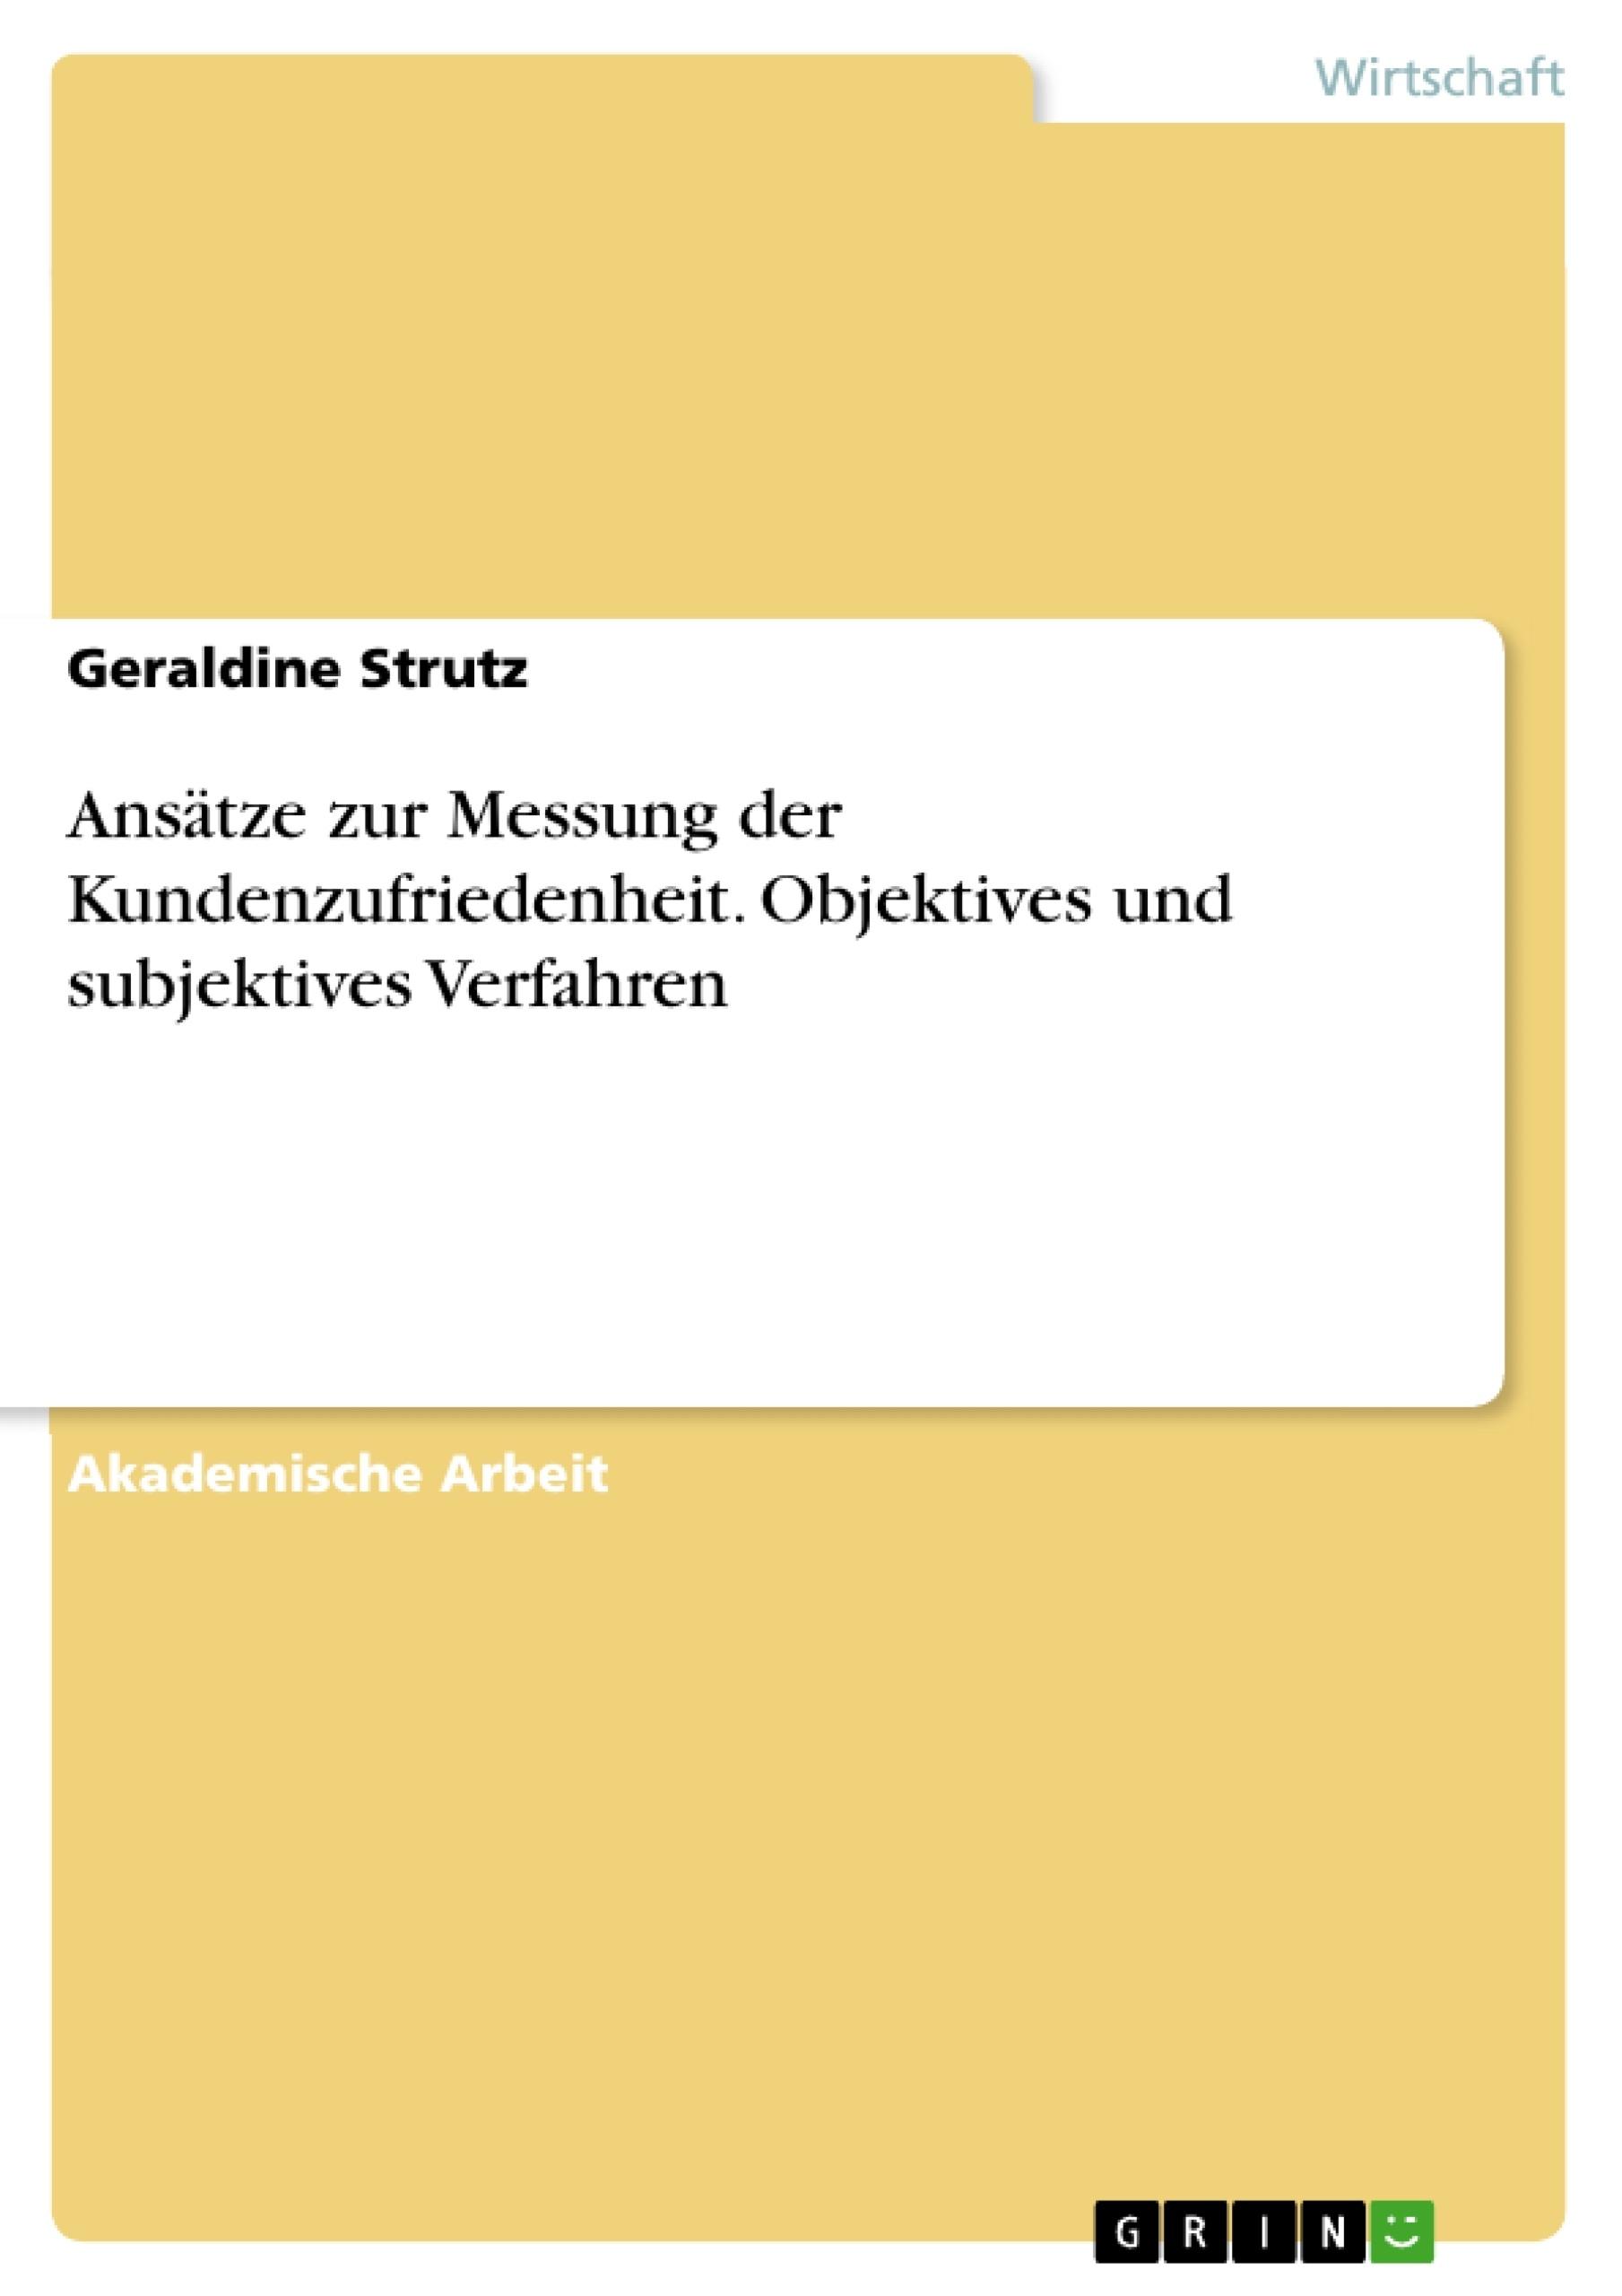 Titel: Ansätze zur Messung der Kundenzufriedenheit. Objektives und subjektives Verfahren